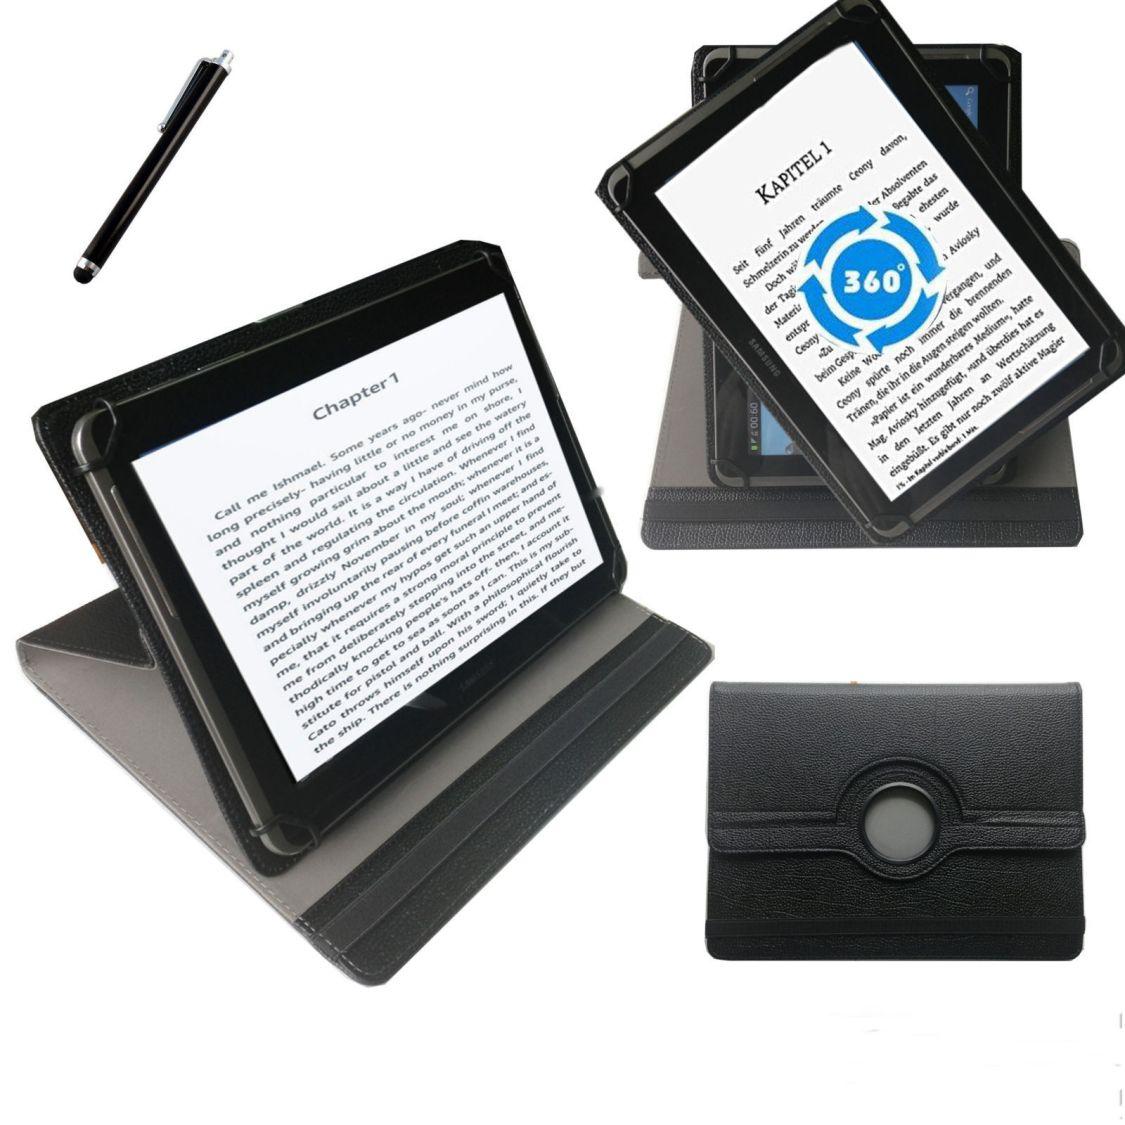 Tasche für Tolino Shine 3 Ebook Reader Schutz Hülle 6 Zoll Etui 360°